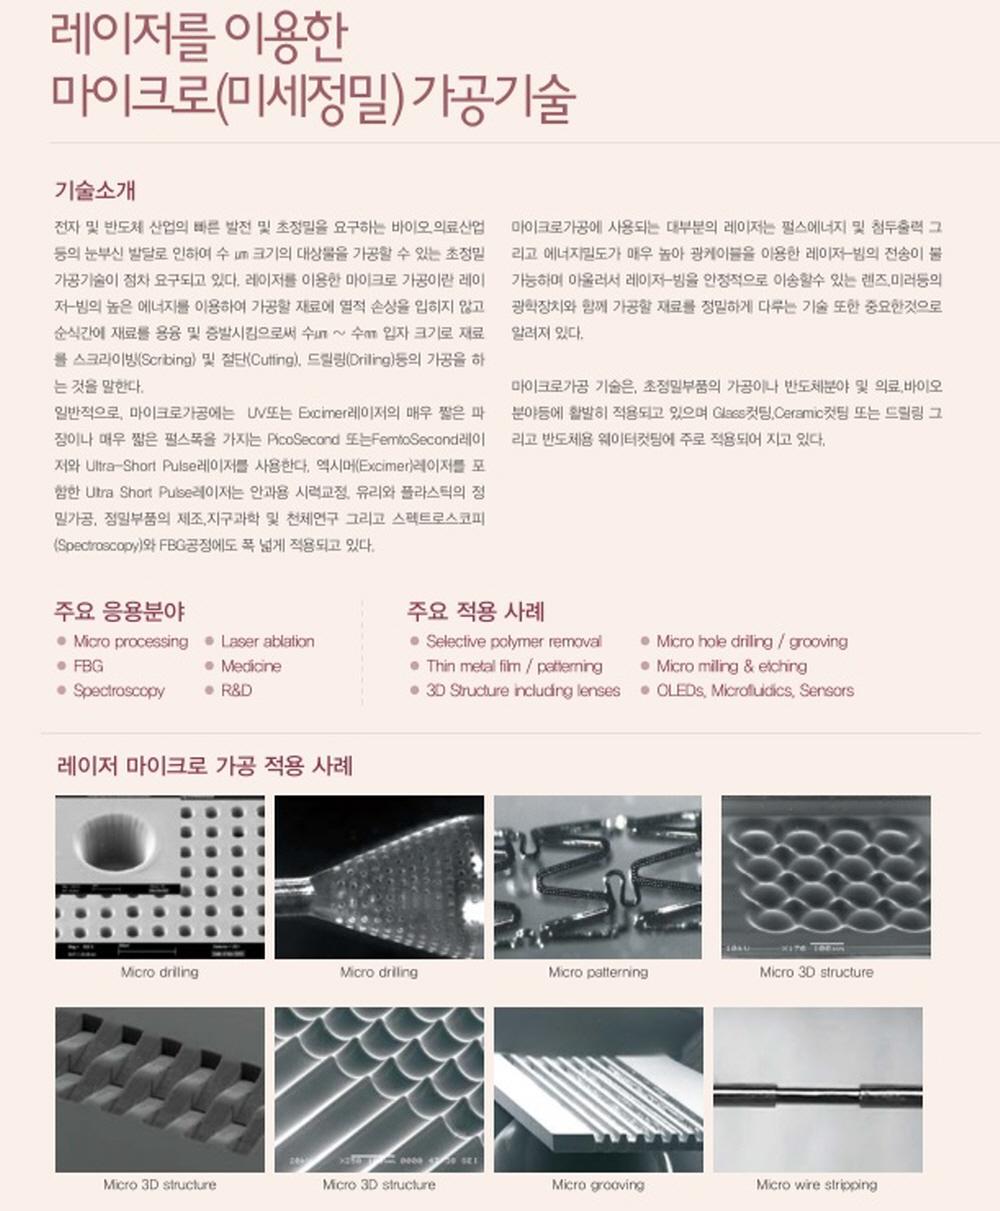 (주)유로비젼레이저 Laser Micro(Precision) & Marking M/C  1